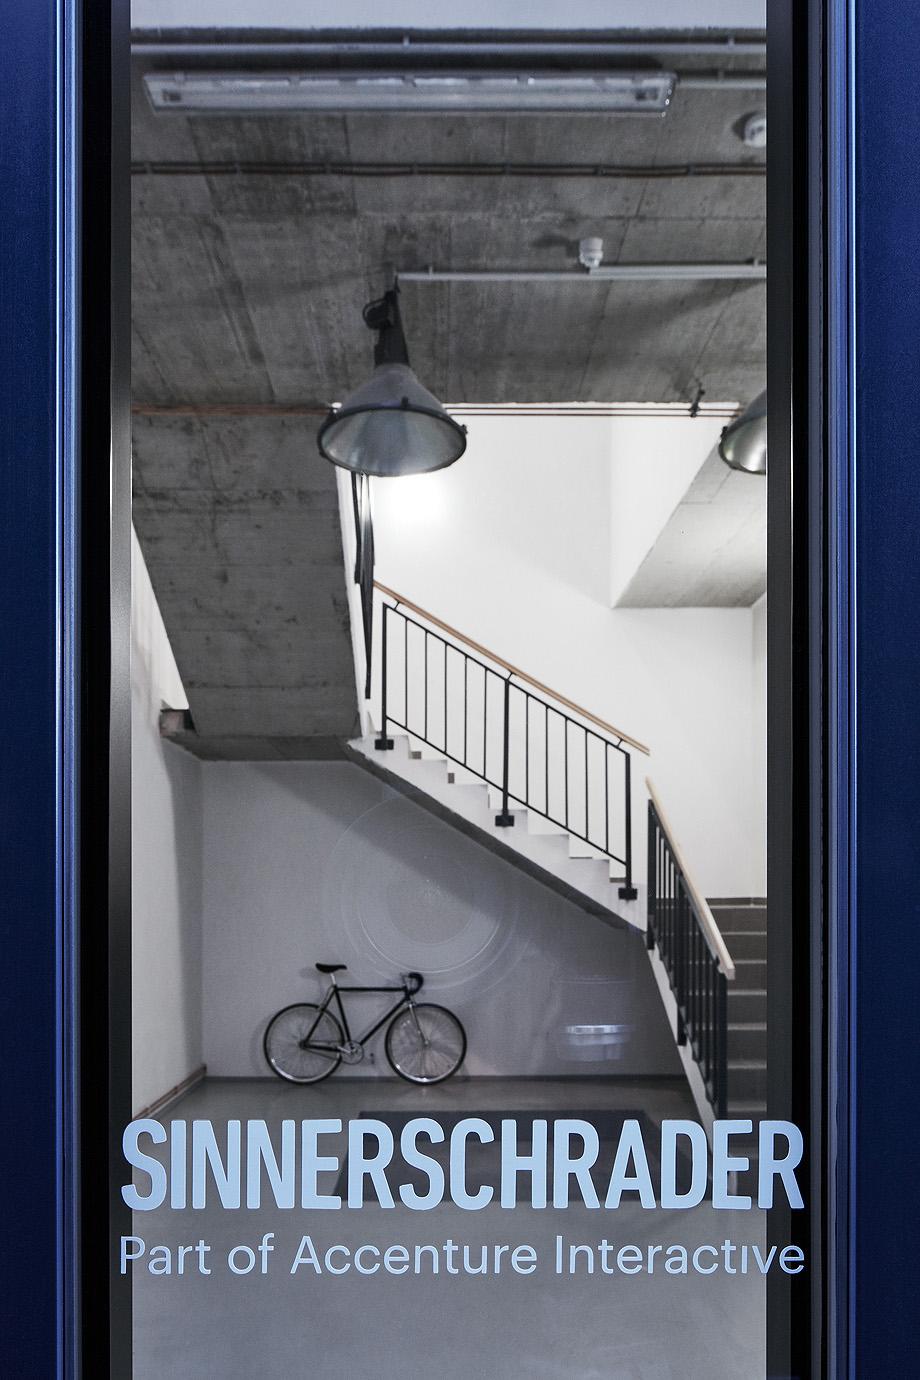 oficinas sinnerschrader por kurz architects - foto boysplaynice (1)